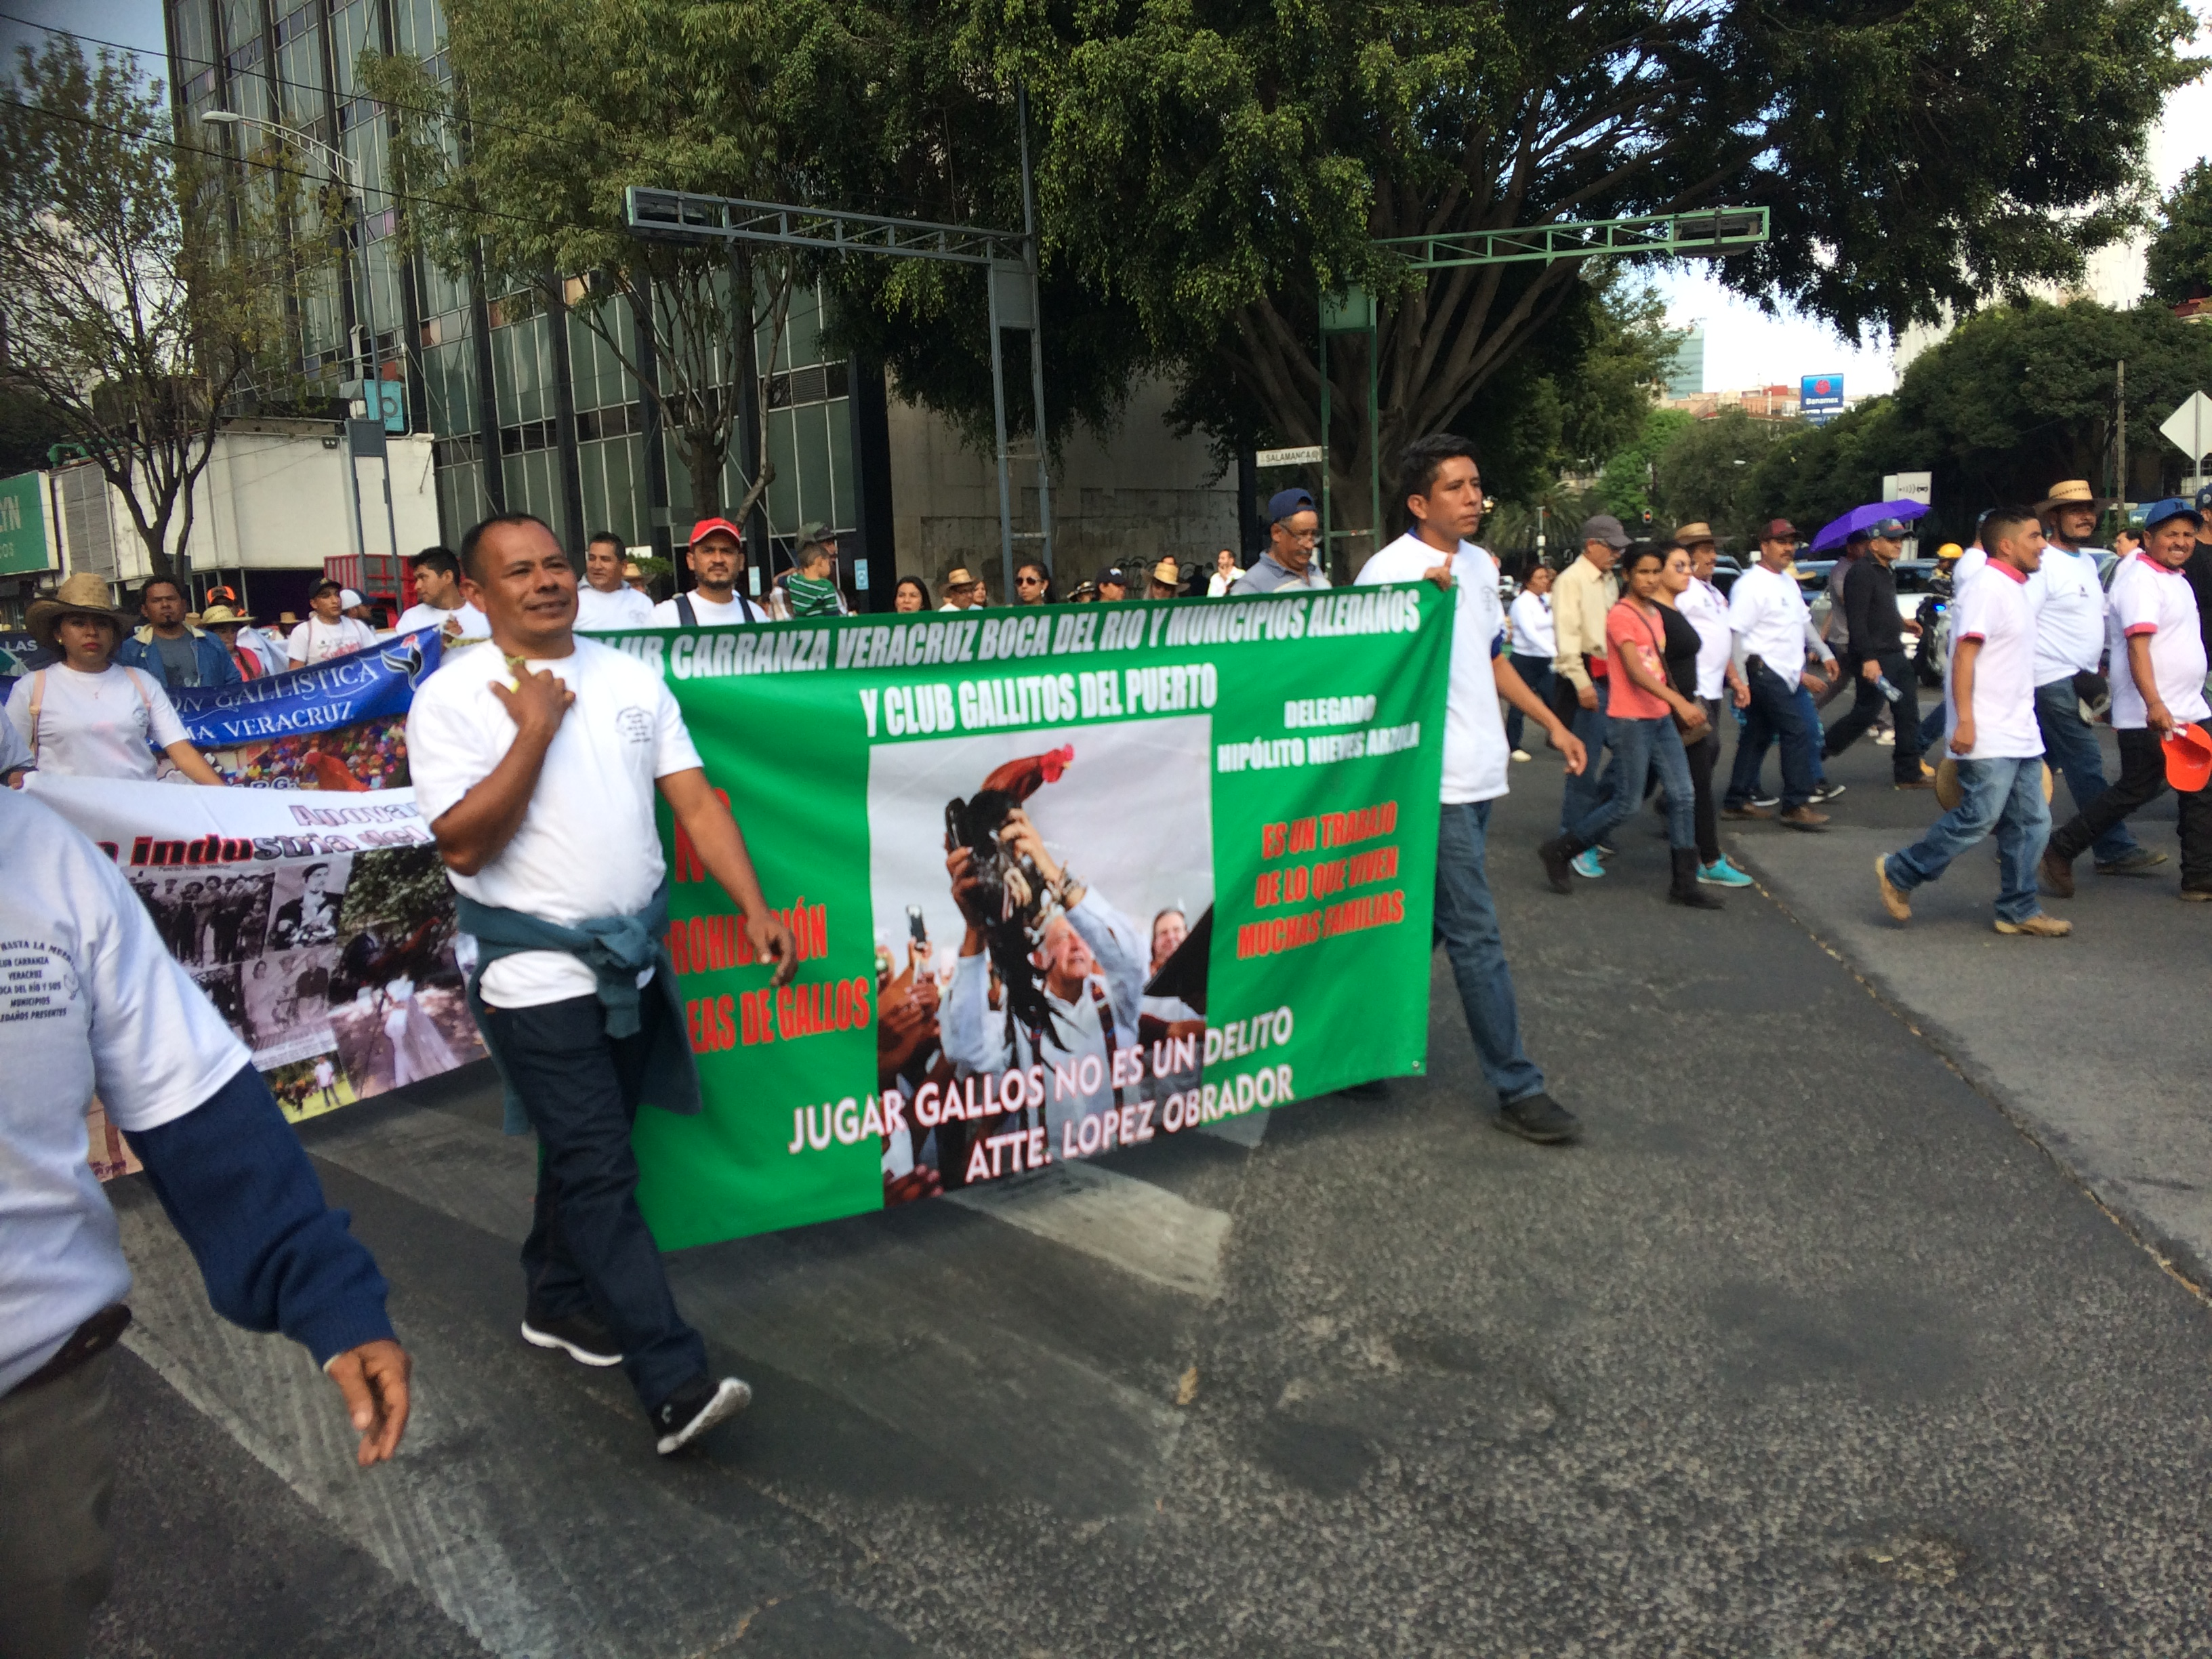 Gente de distintos estados del país viajó hasta la capital para sumarse a la protesta